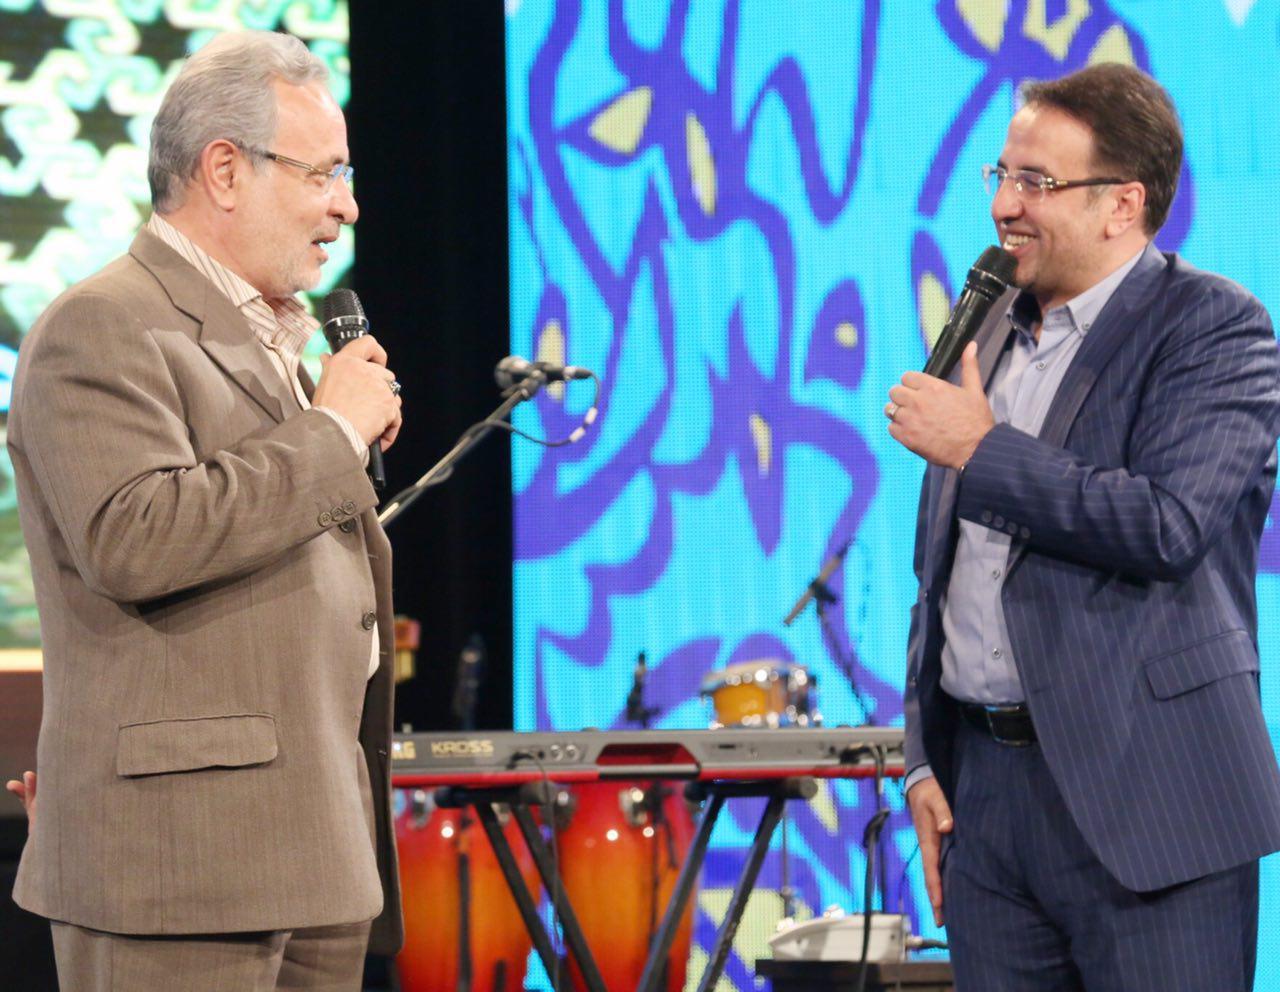 اجرای یک سلبریتی در برنامه تلویزیونی روزی ۲۵میلیون تومان آب می خورد